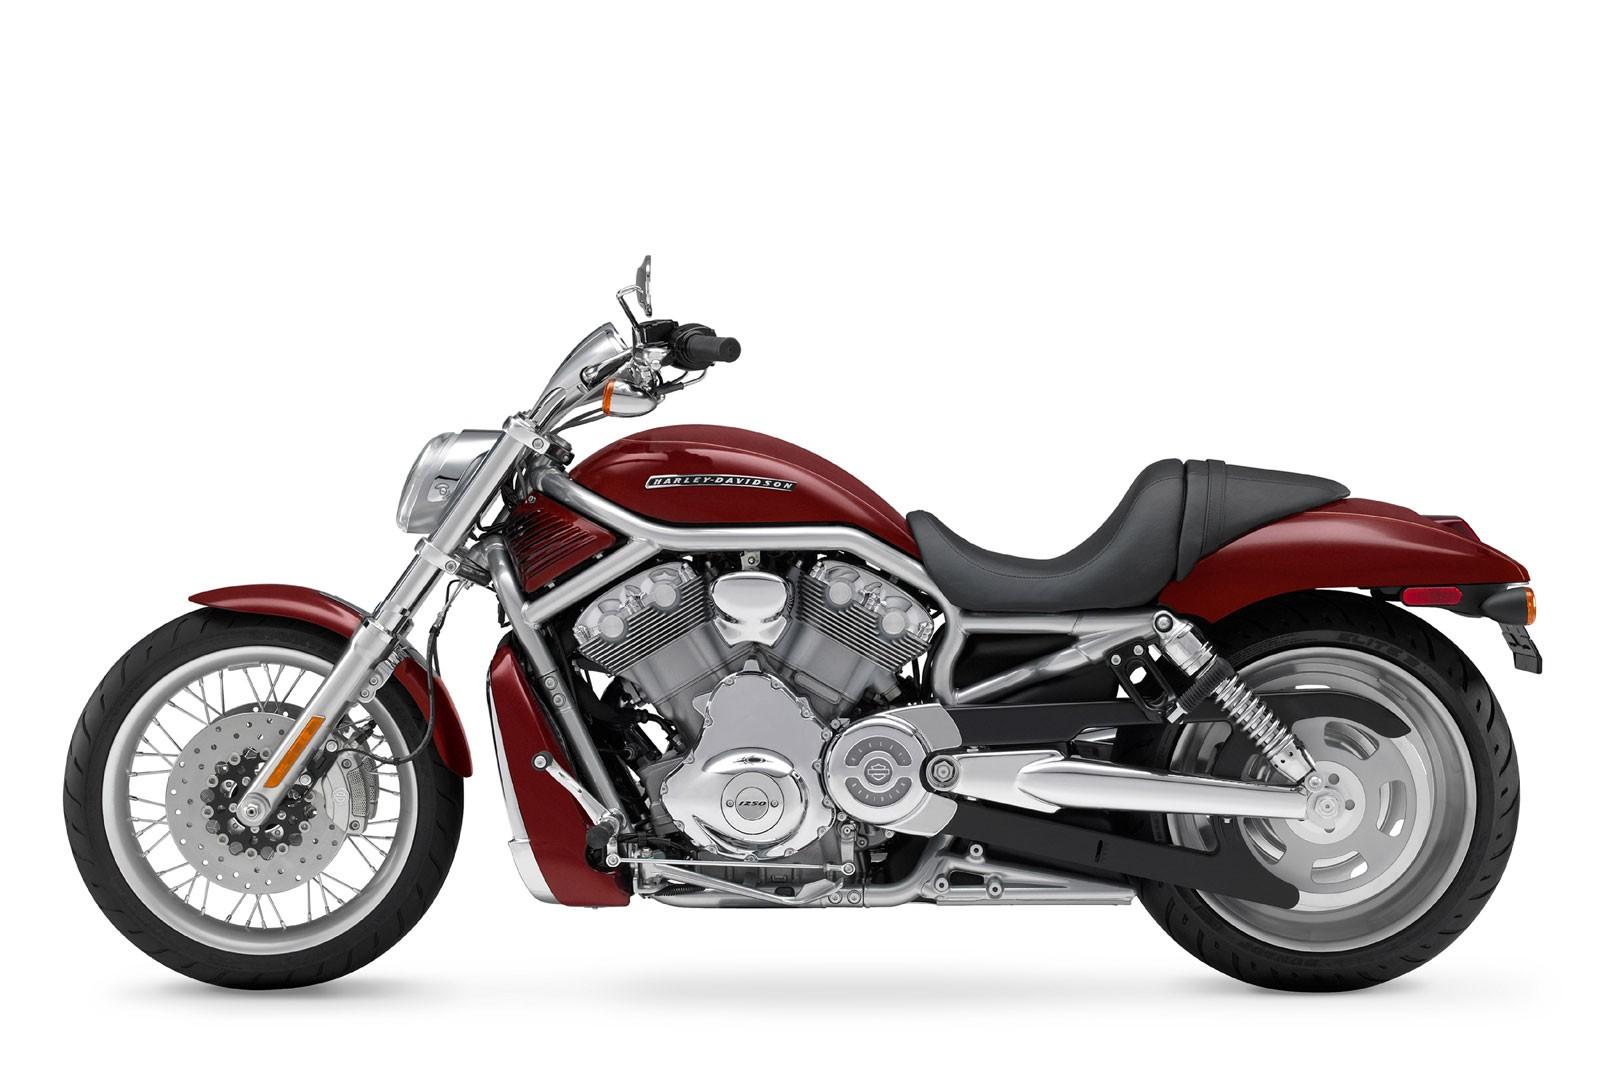 Harley Davidson V Rod Engine Displacement